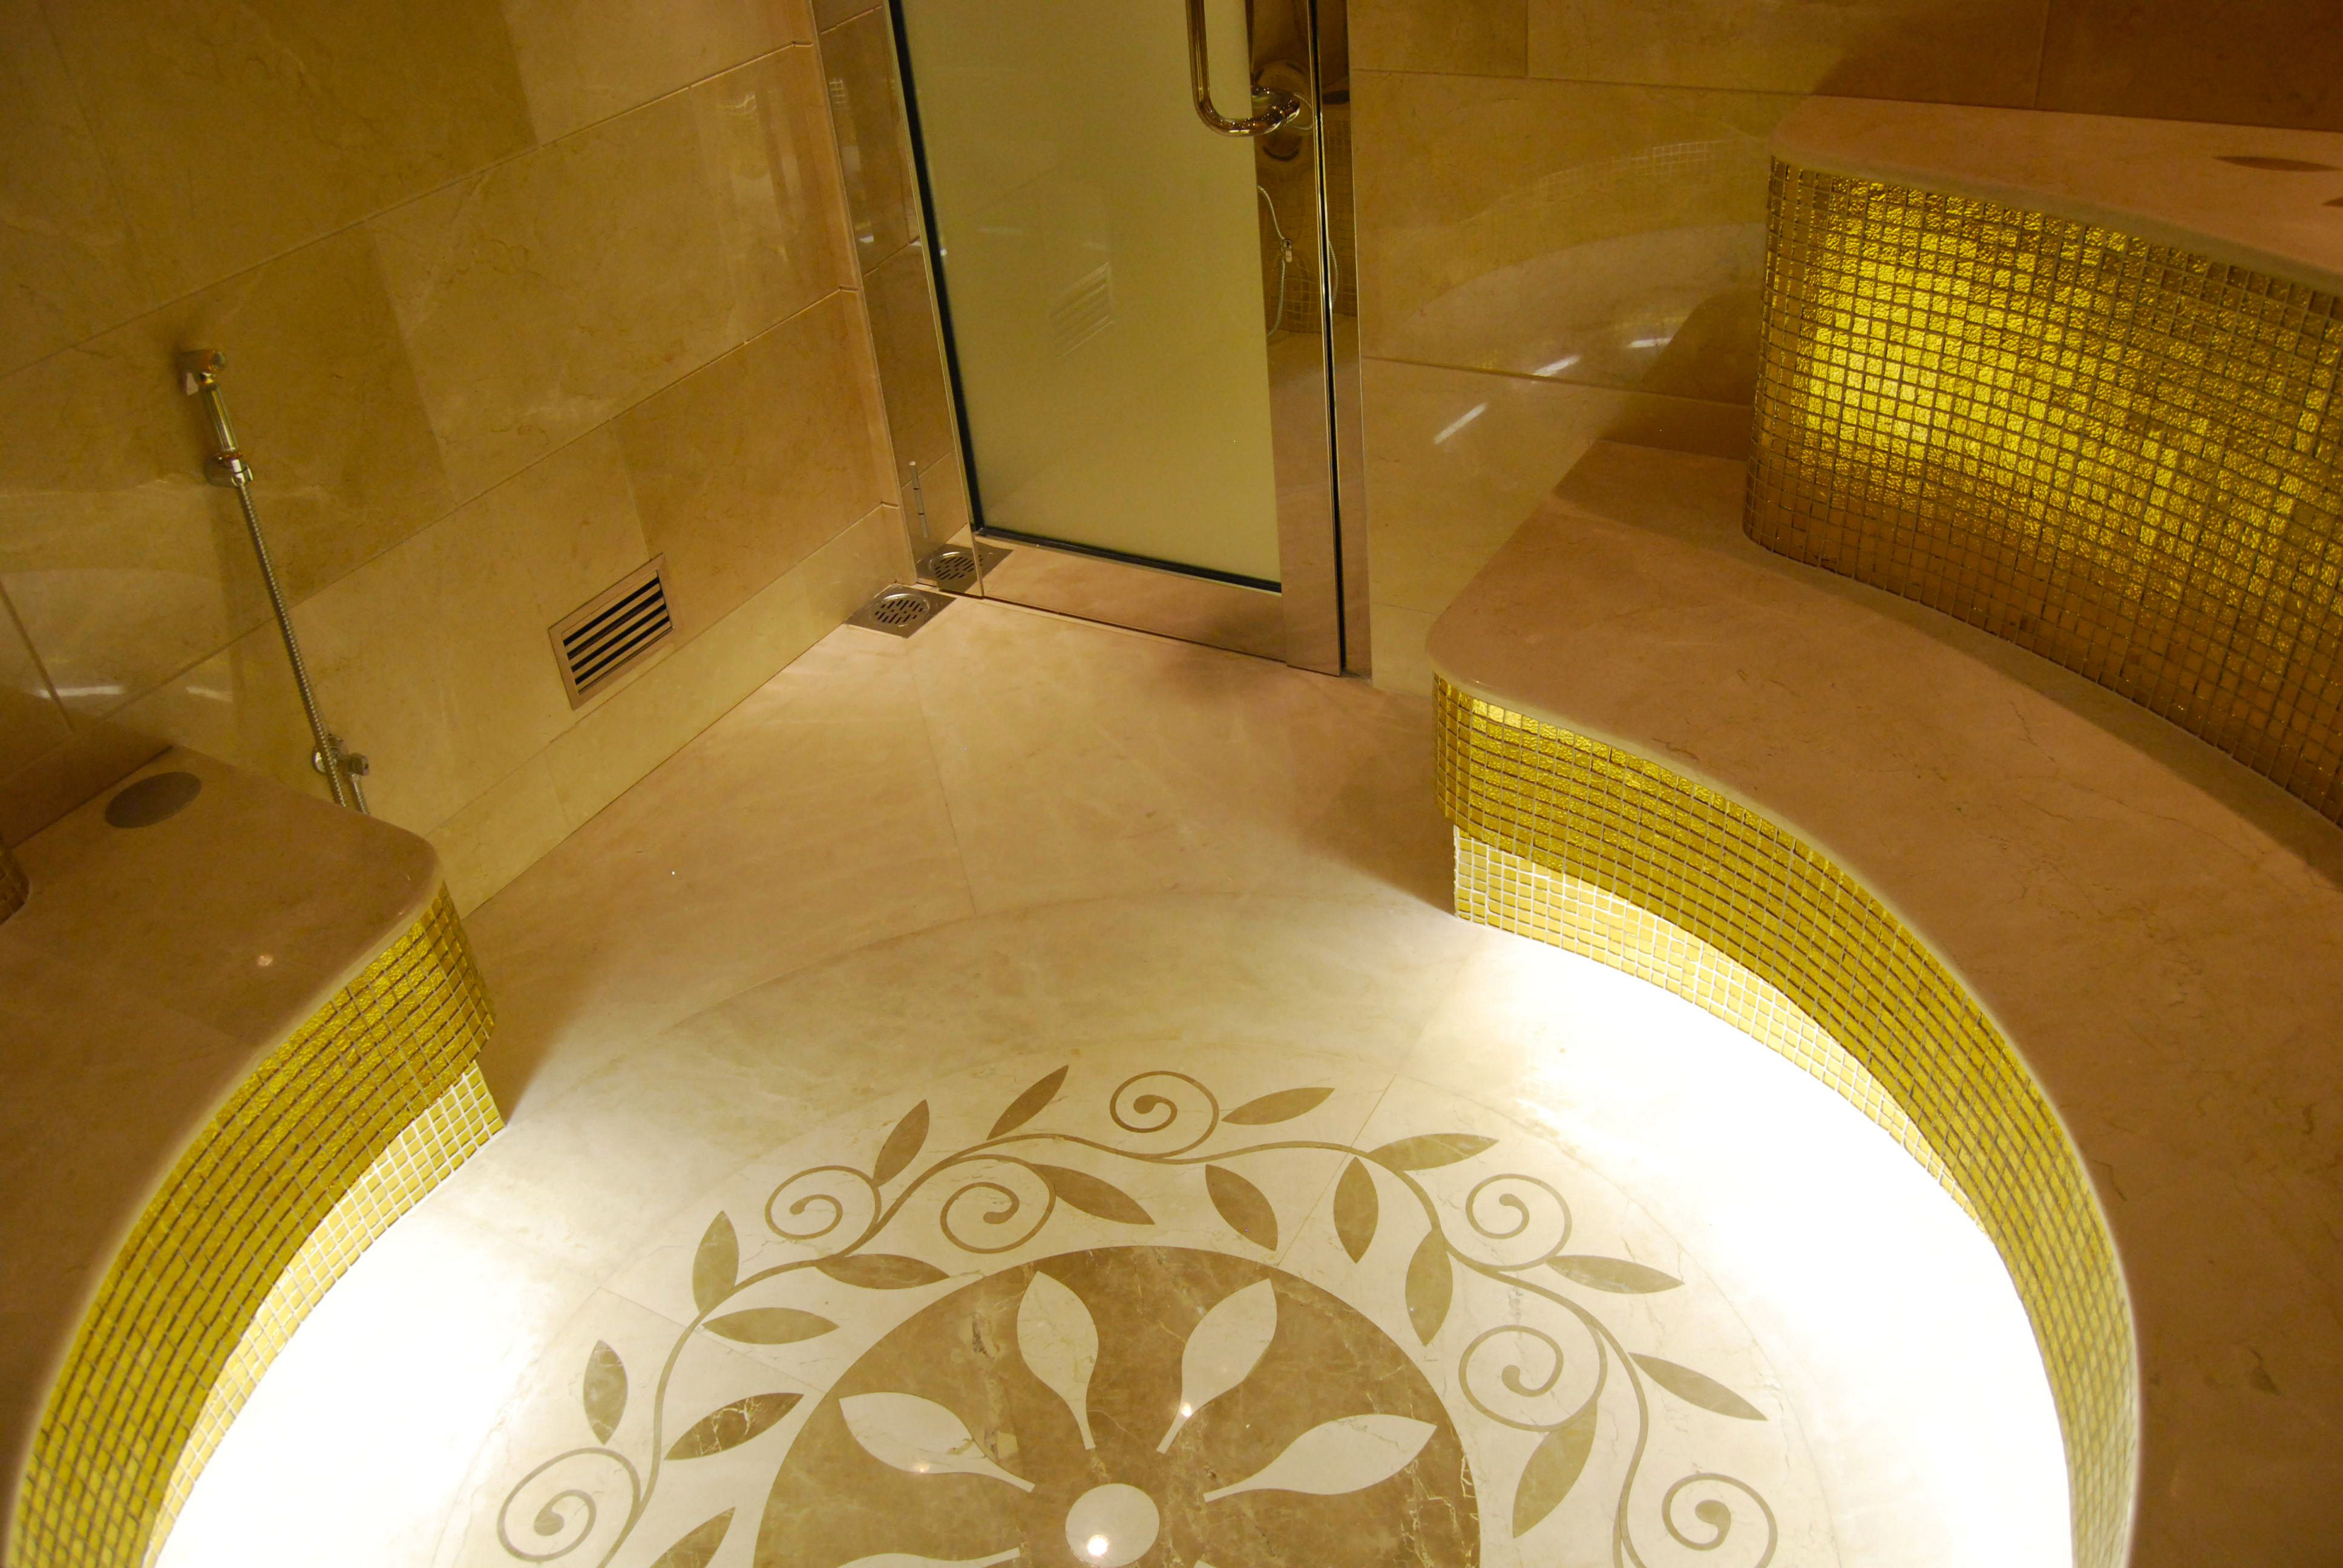 Bagno 2 X 2 private spa, doha, qatar | architetti, bagno, piastrelle